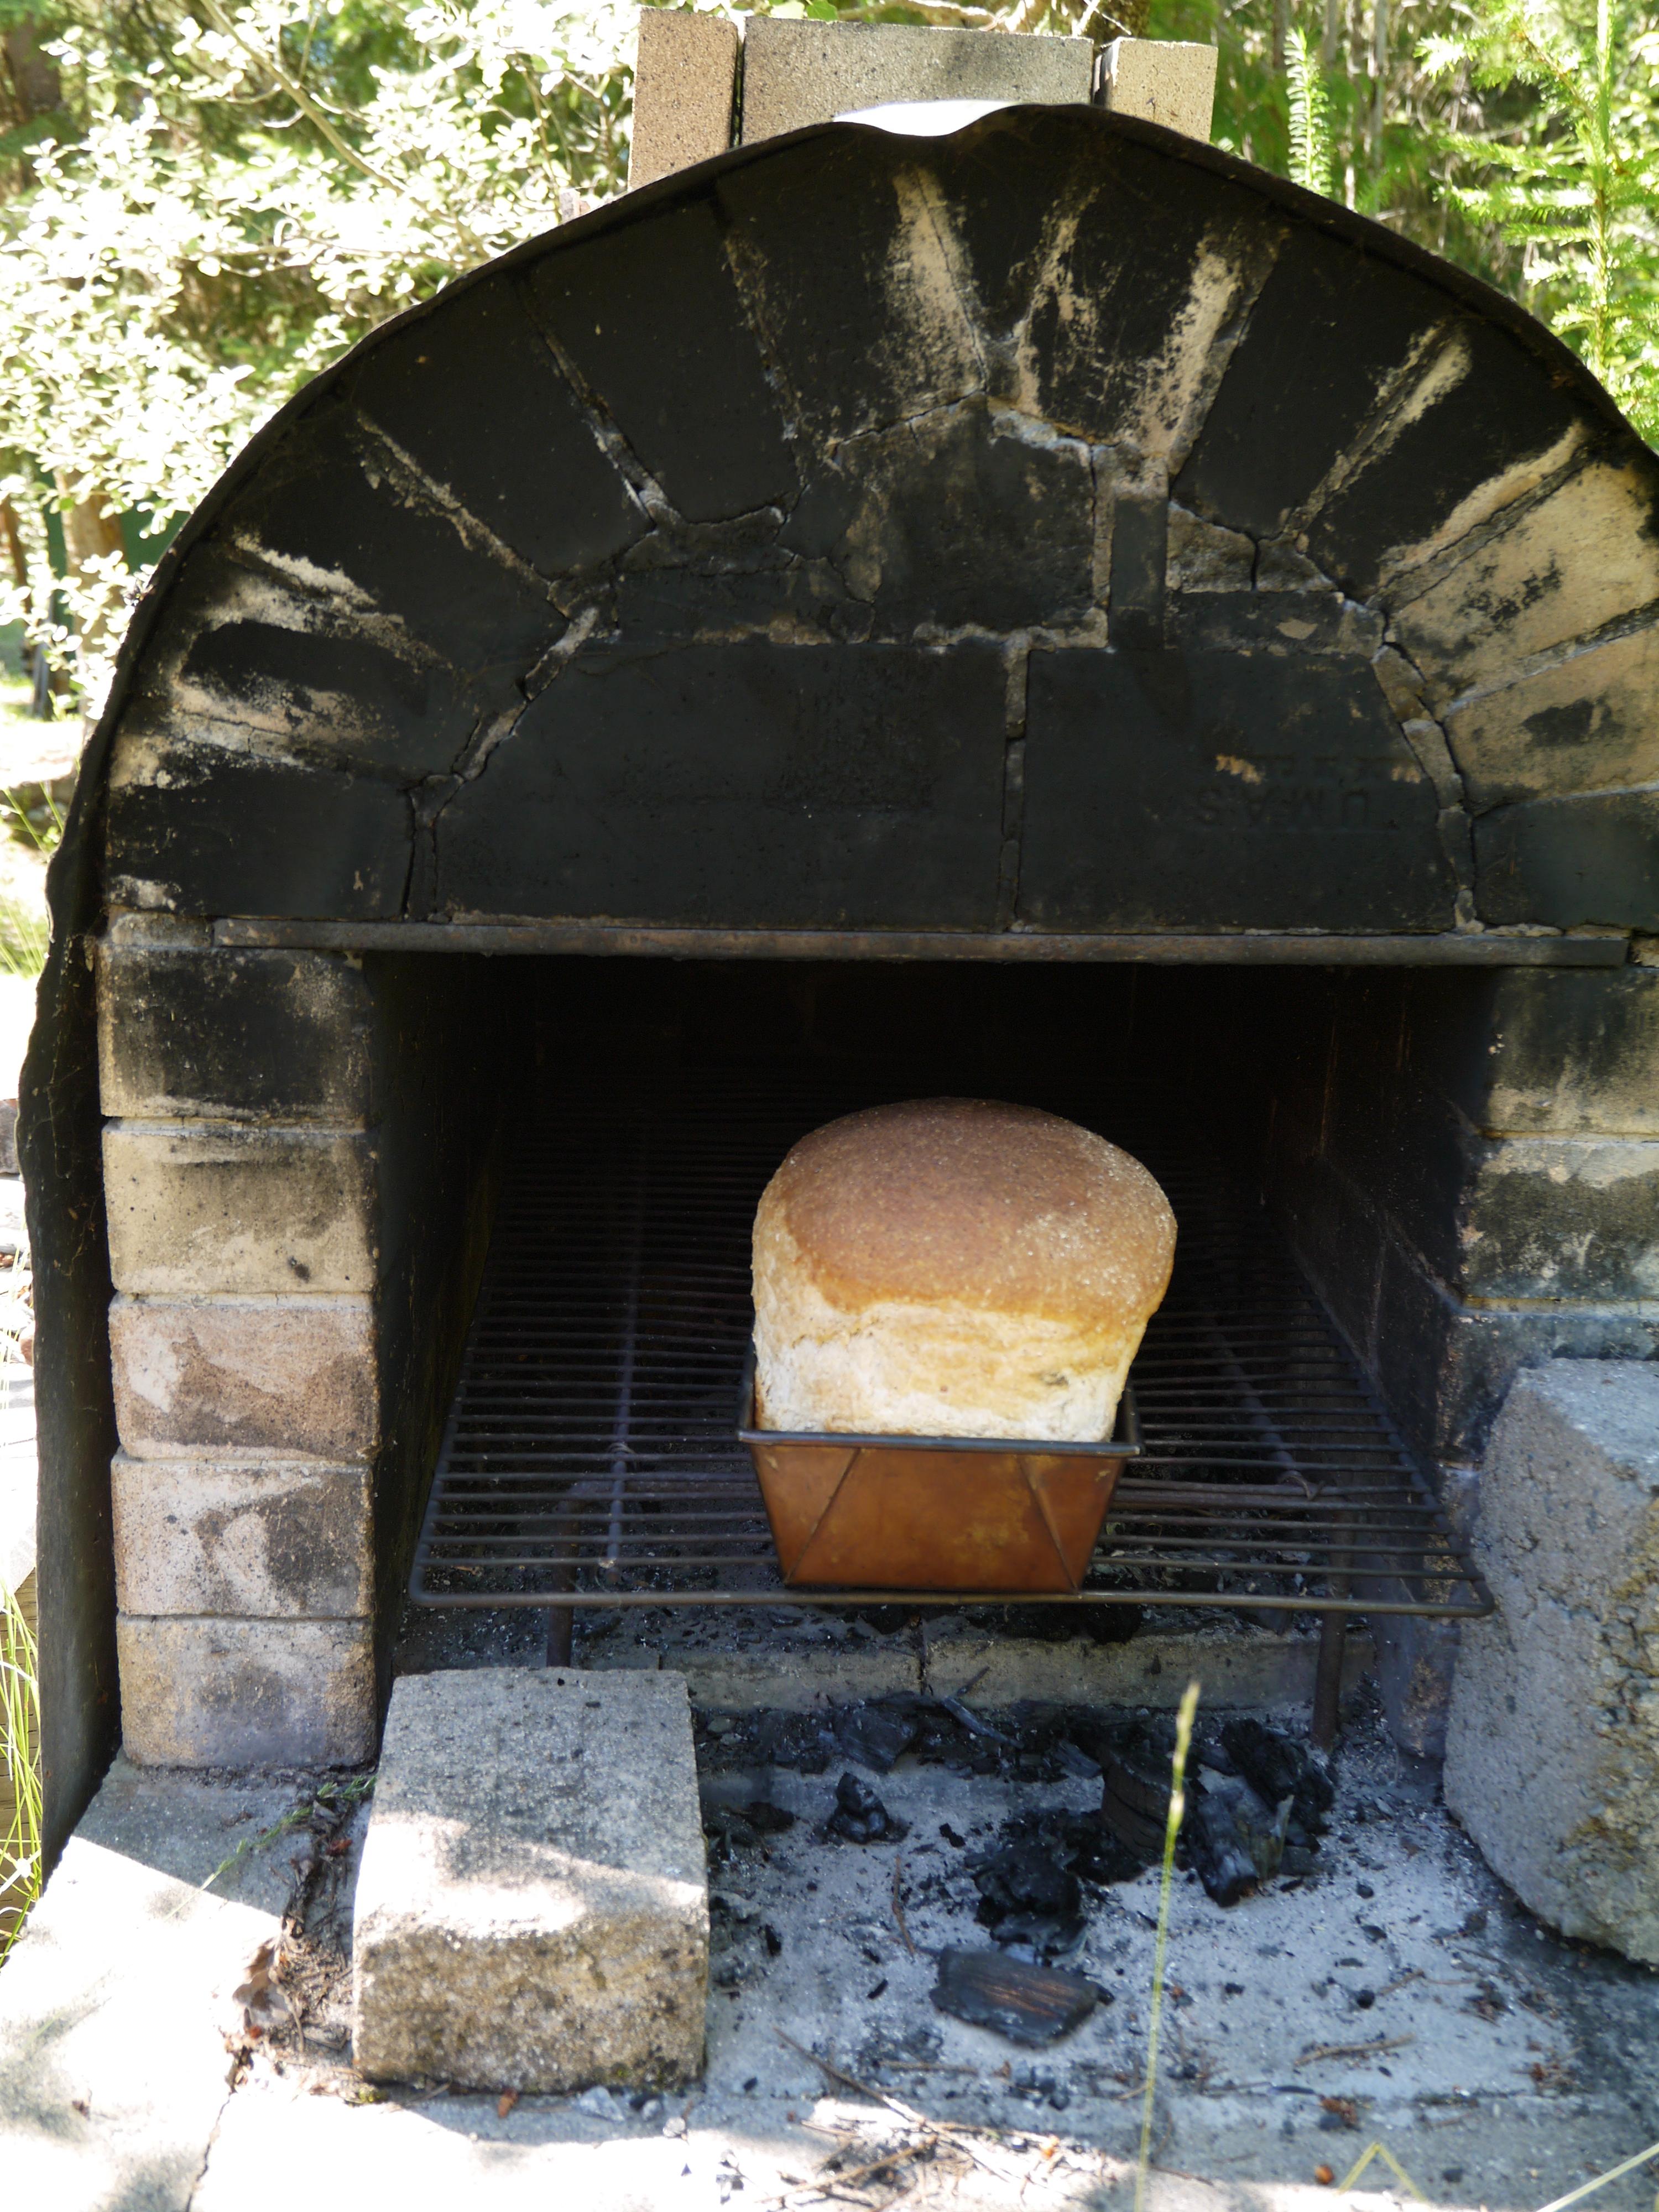 brinck oven bread - trust in Kim